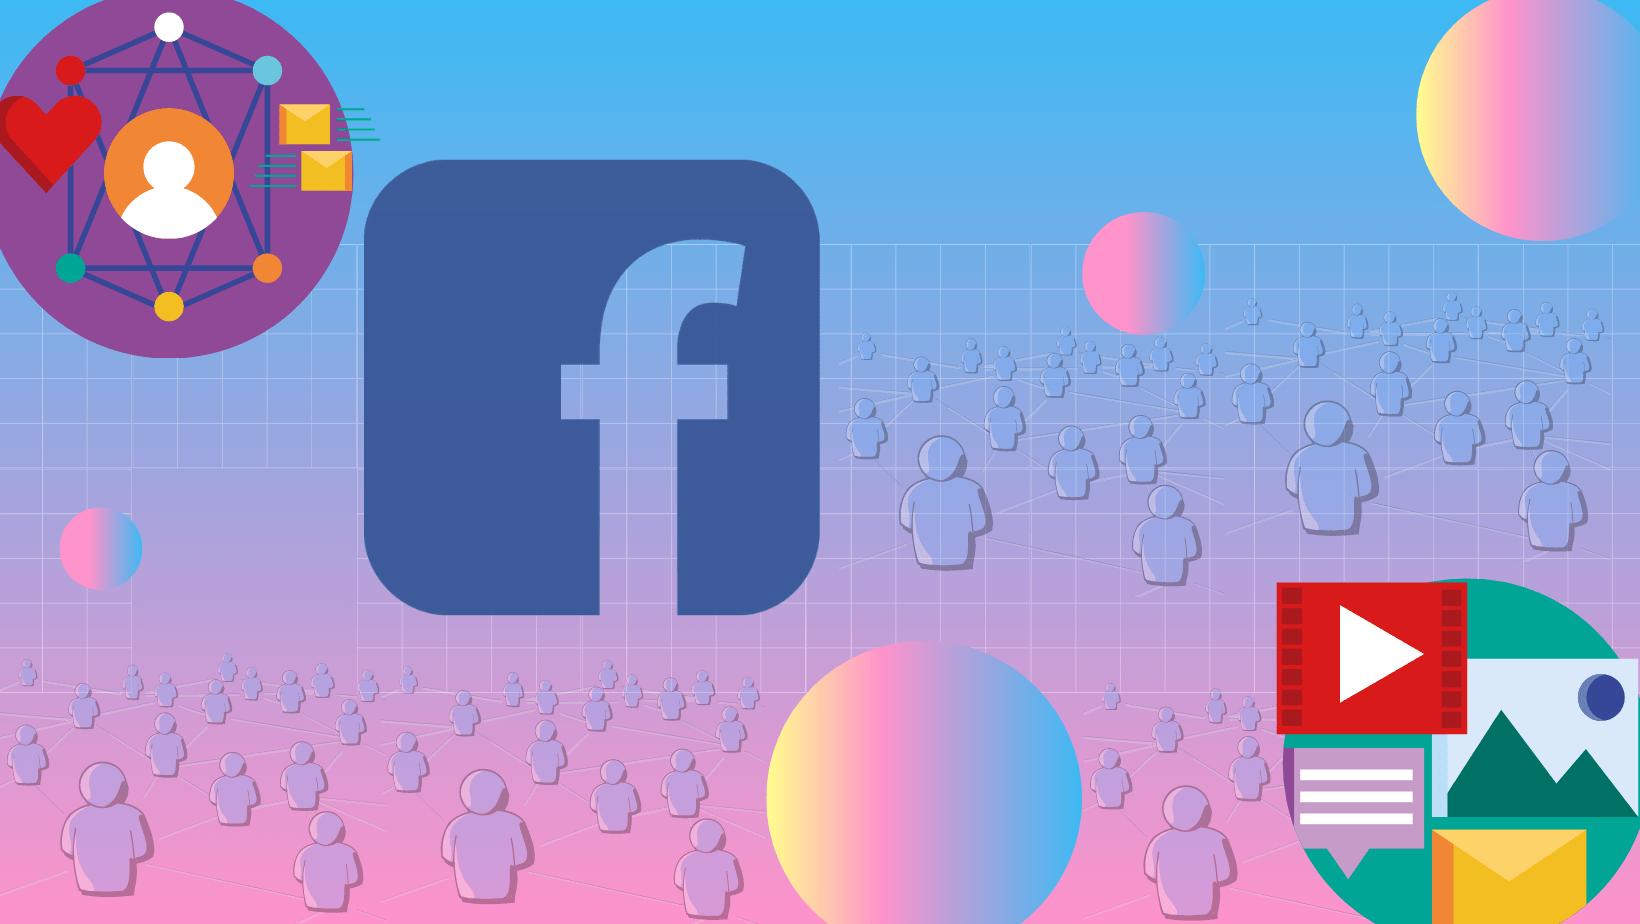 Как сделать обложку для группы в Фейсбук: подробная инструкция